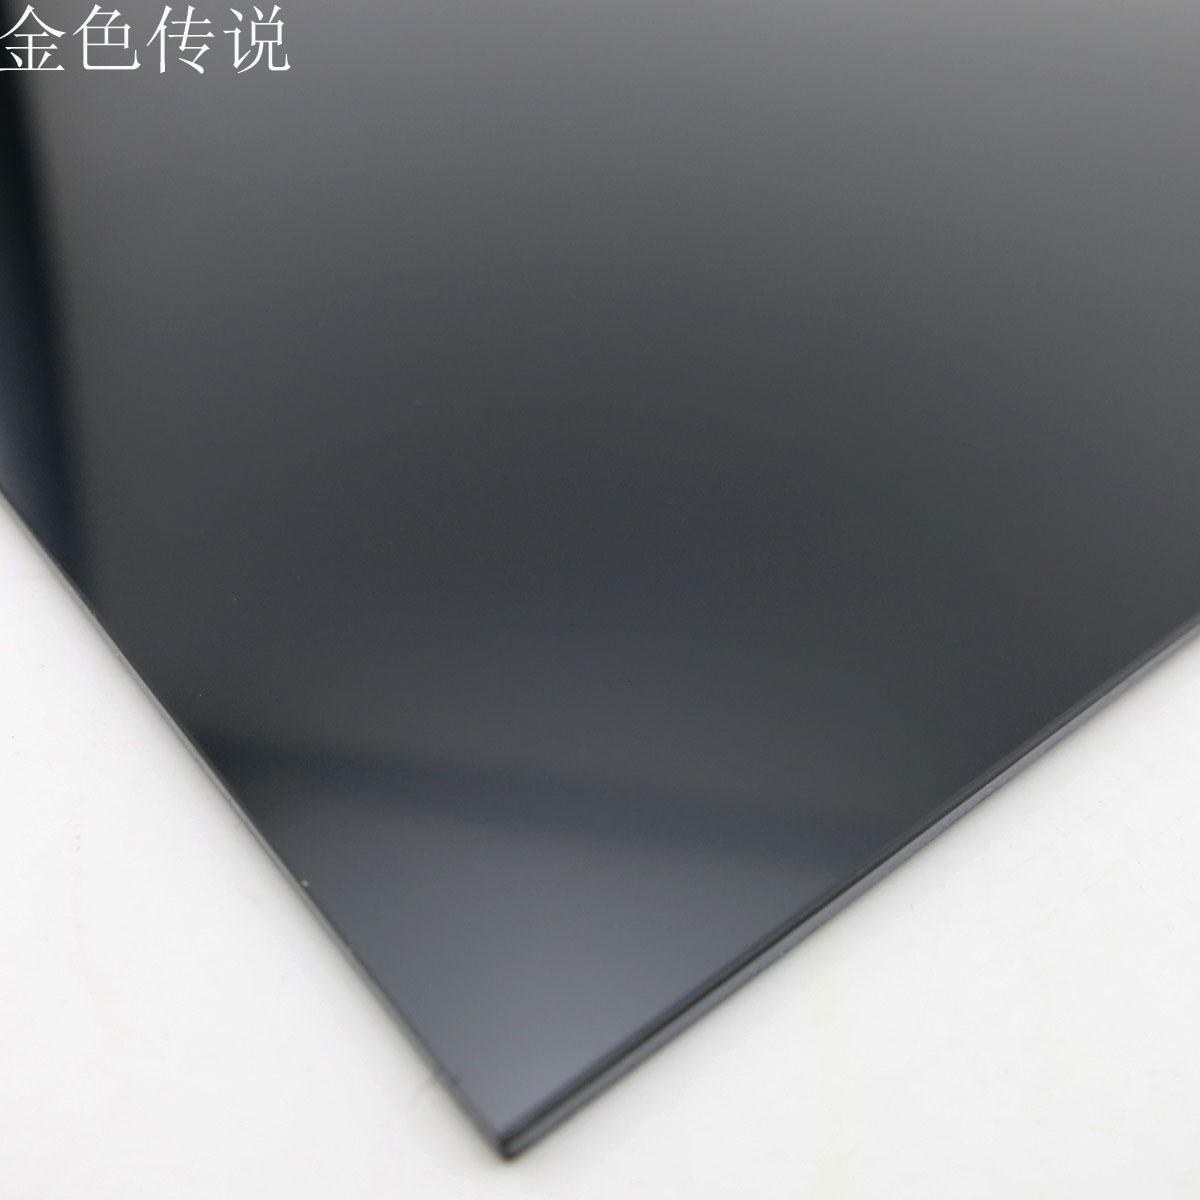 配件ABS板黑色v配件板diy模型制作材料建筑模型塑料